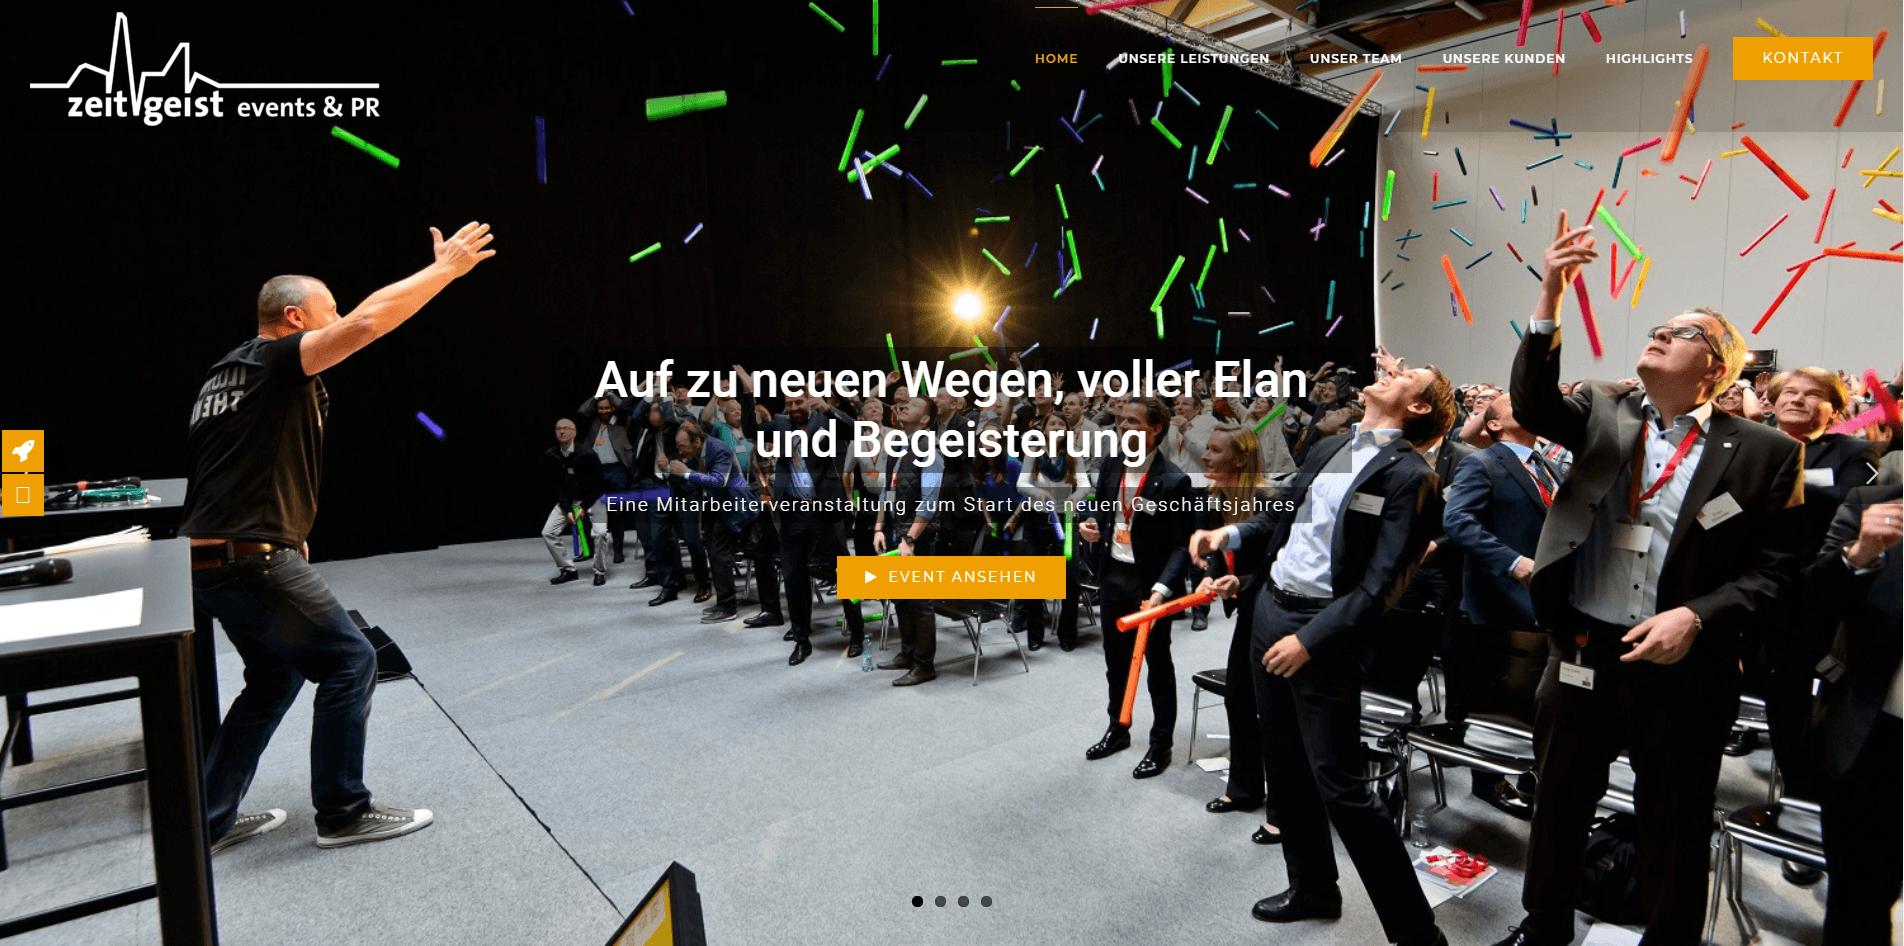 Webseiten Erstellung Zeitgeist Header - PKOM Webagentur Wien